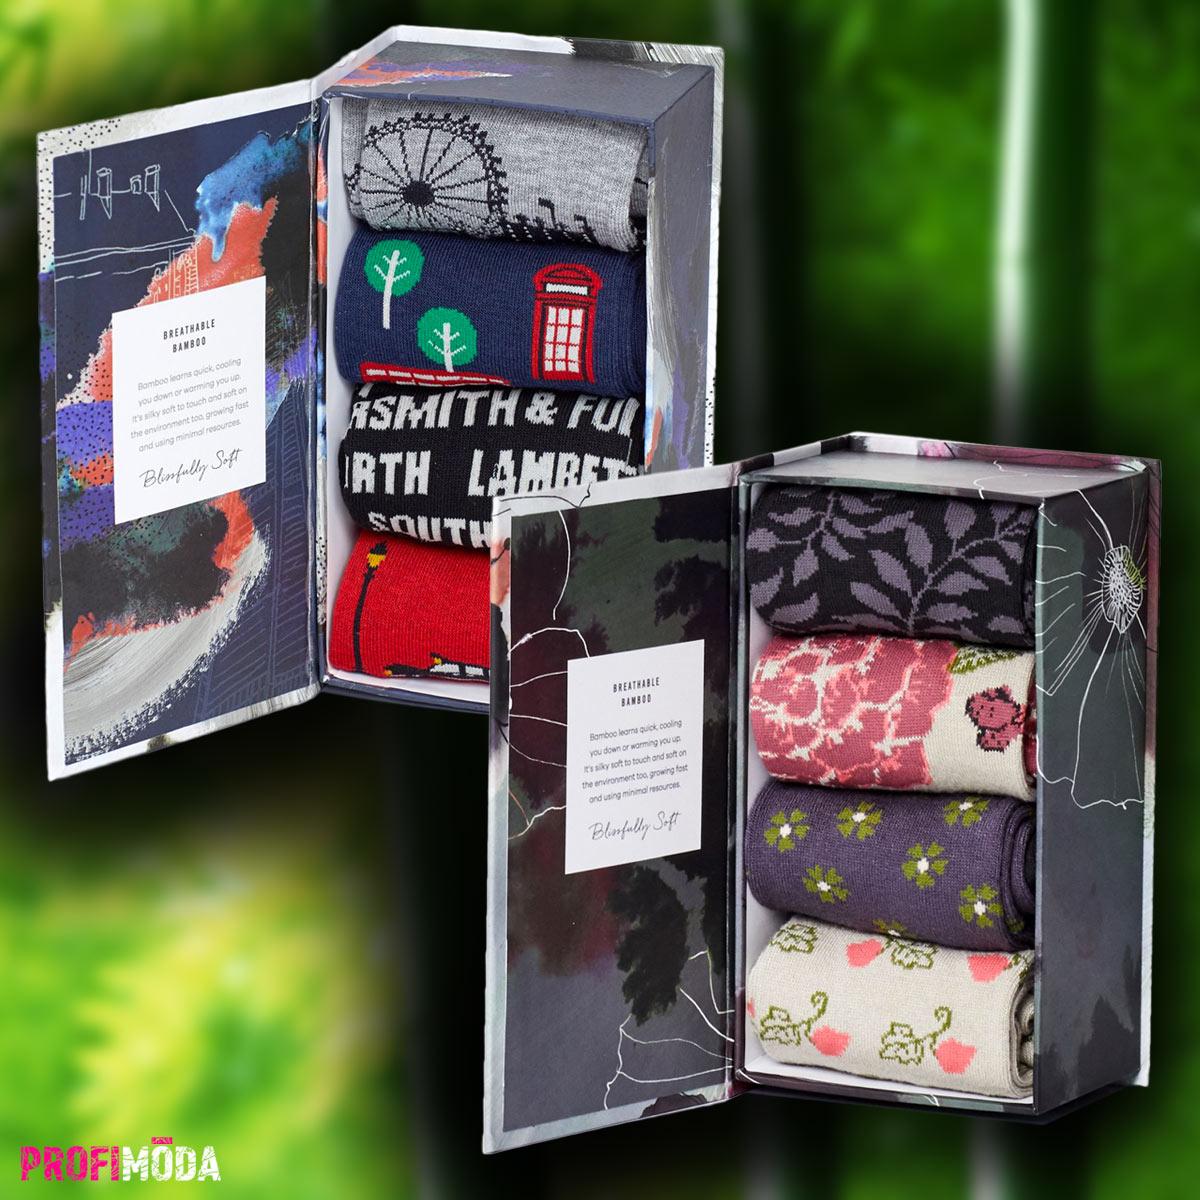 Ponožky jako dárek jsou opět hitem. Zejména ty bambusové, s příběhem a s vtipnými vzory.